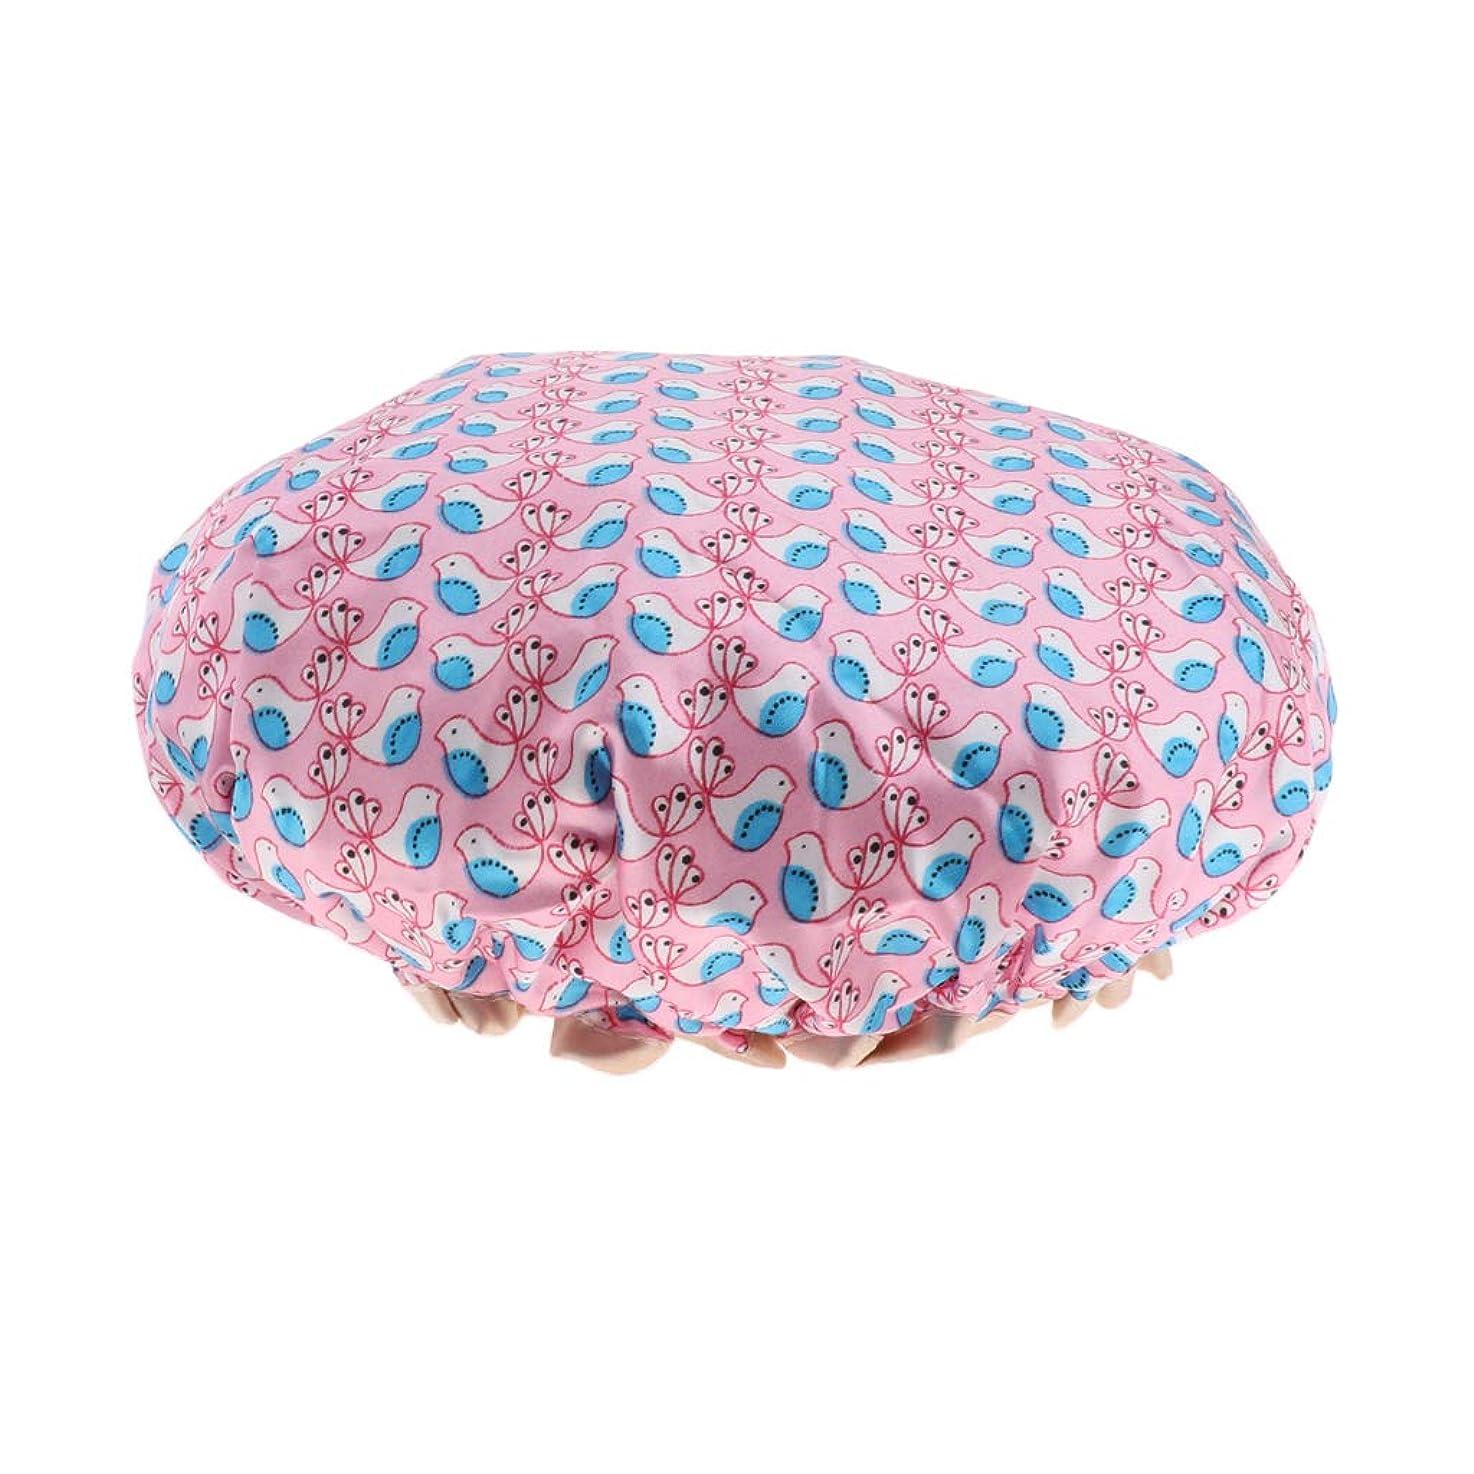 補助金許可する死の顎CUTICATE シャワーキャップ ヘアキャップ 入浴キャップ レディース バス用品 お風呂用 二重層 防水 全3色 - ピンク